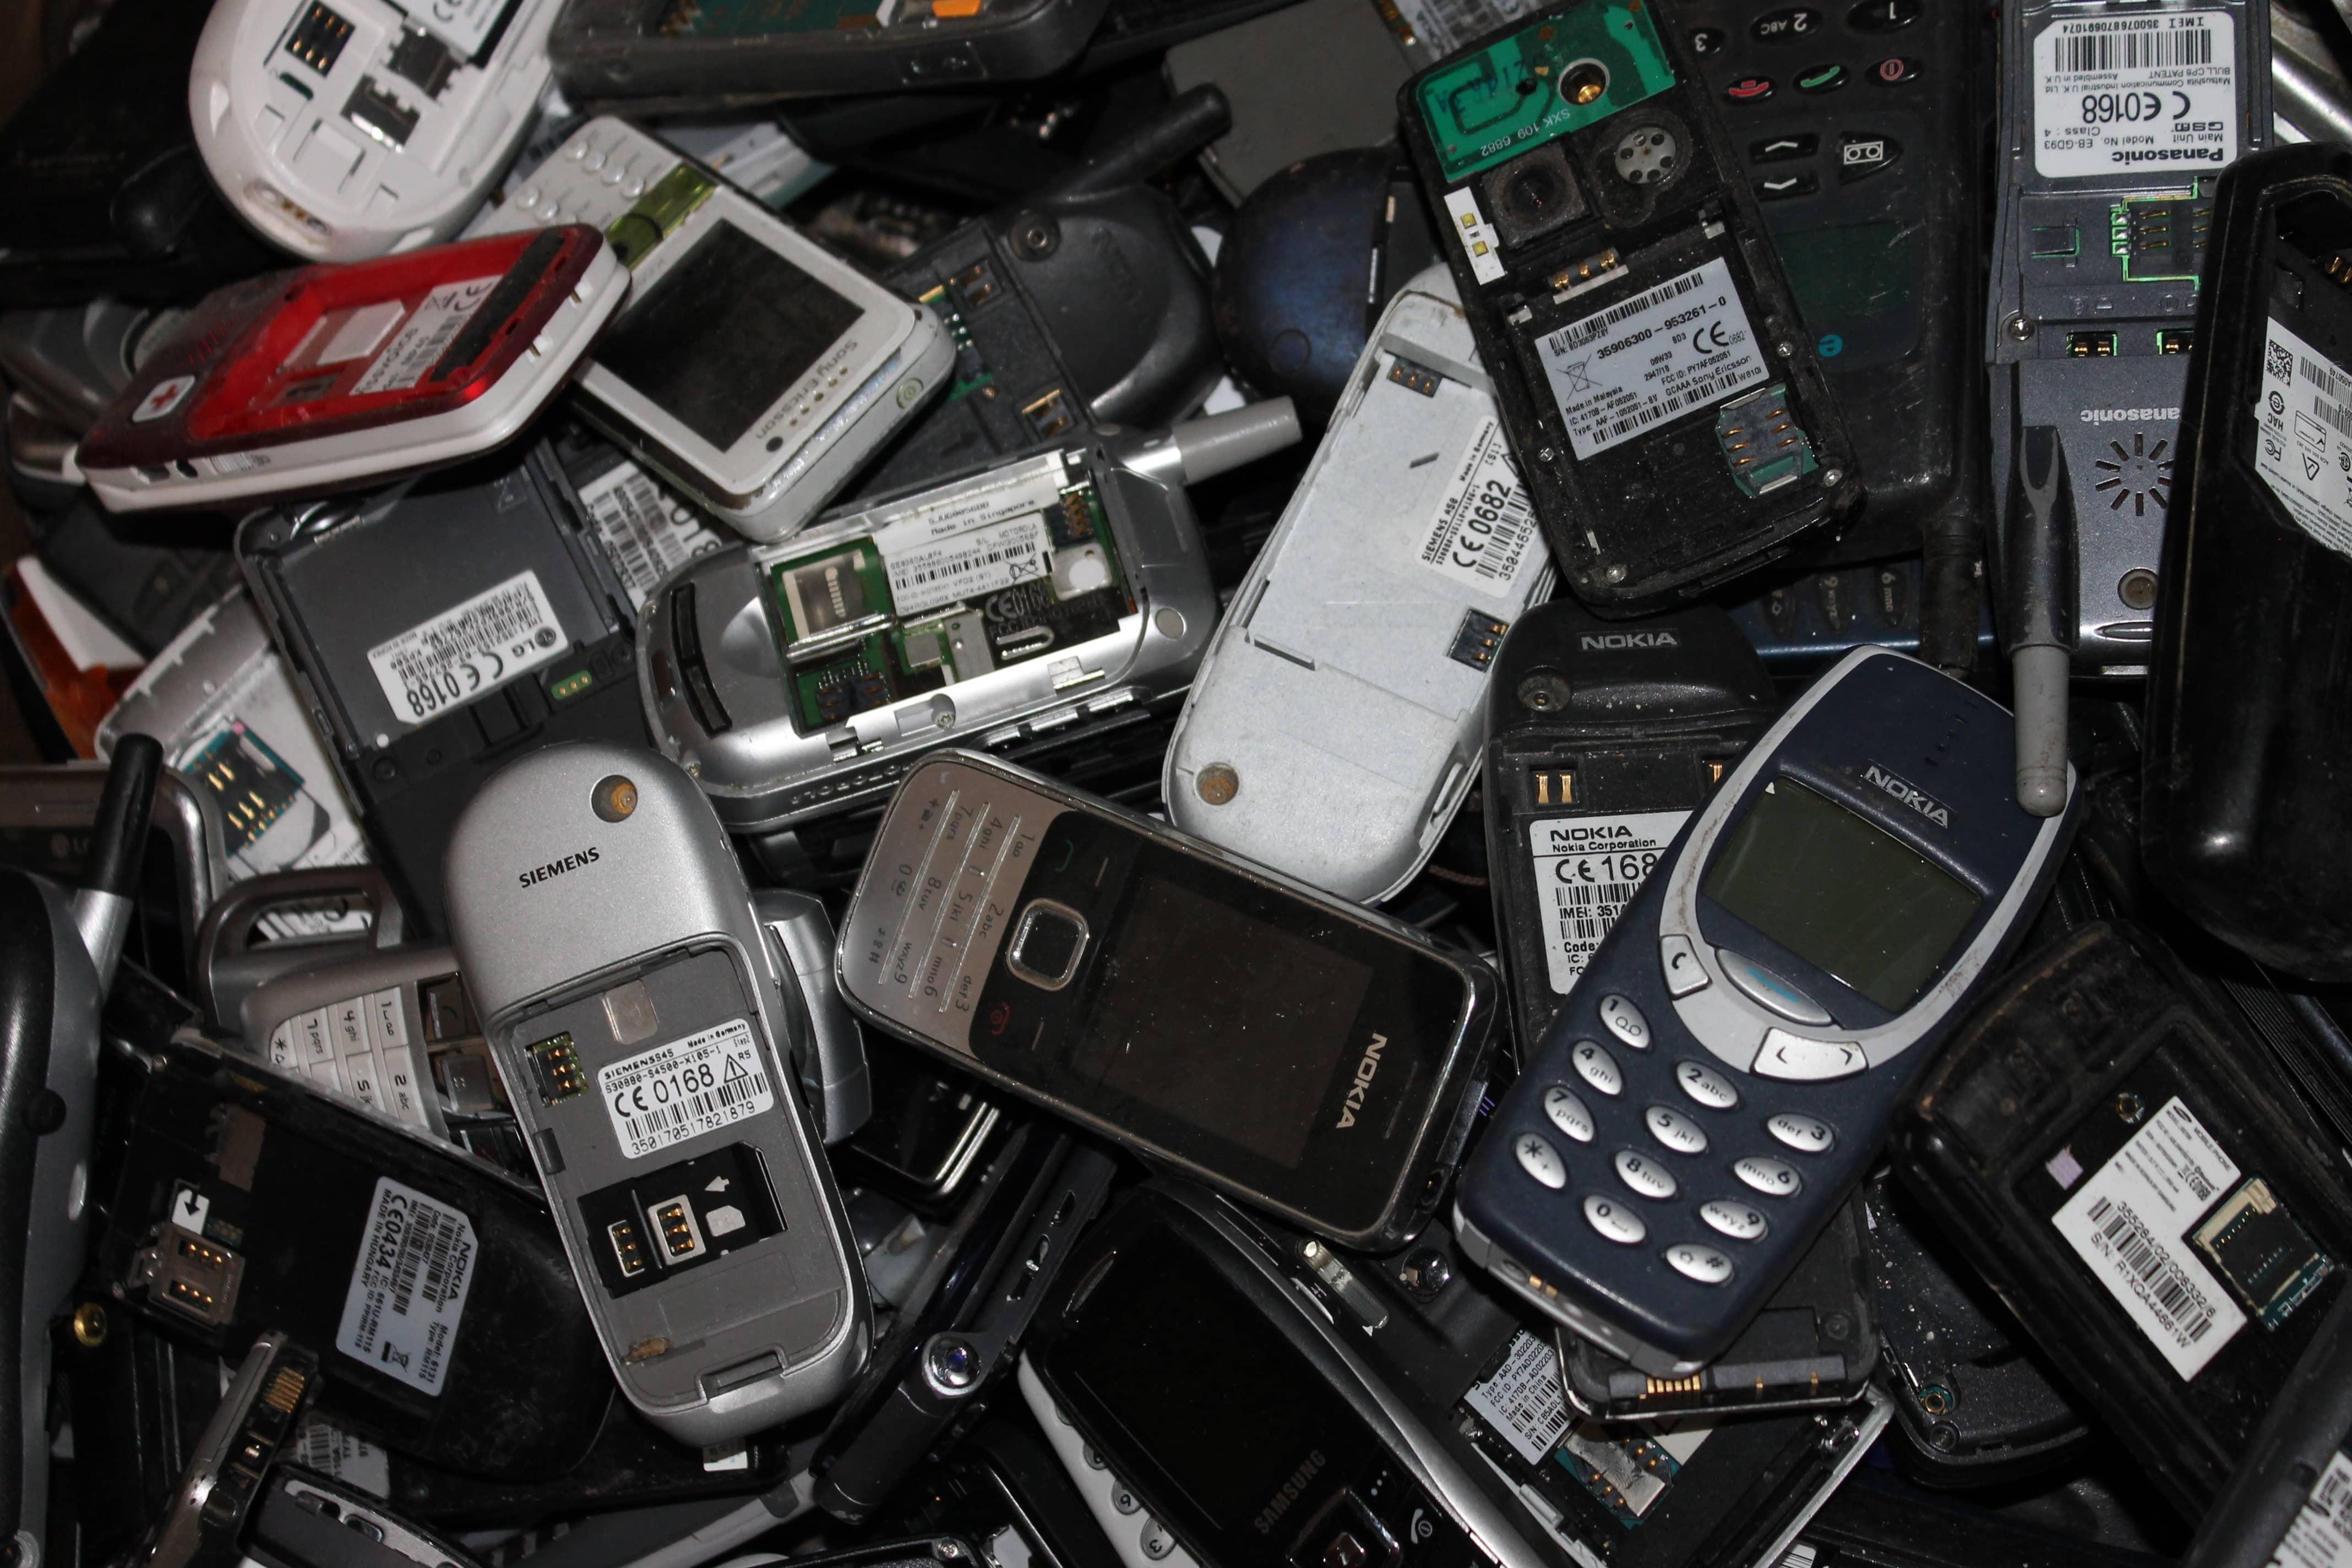 Elektronikschrott Handy und Handyplatinen